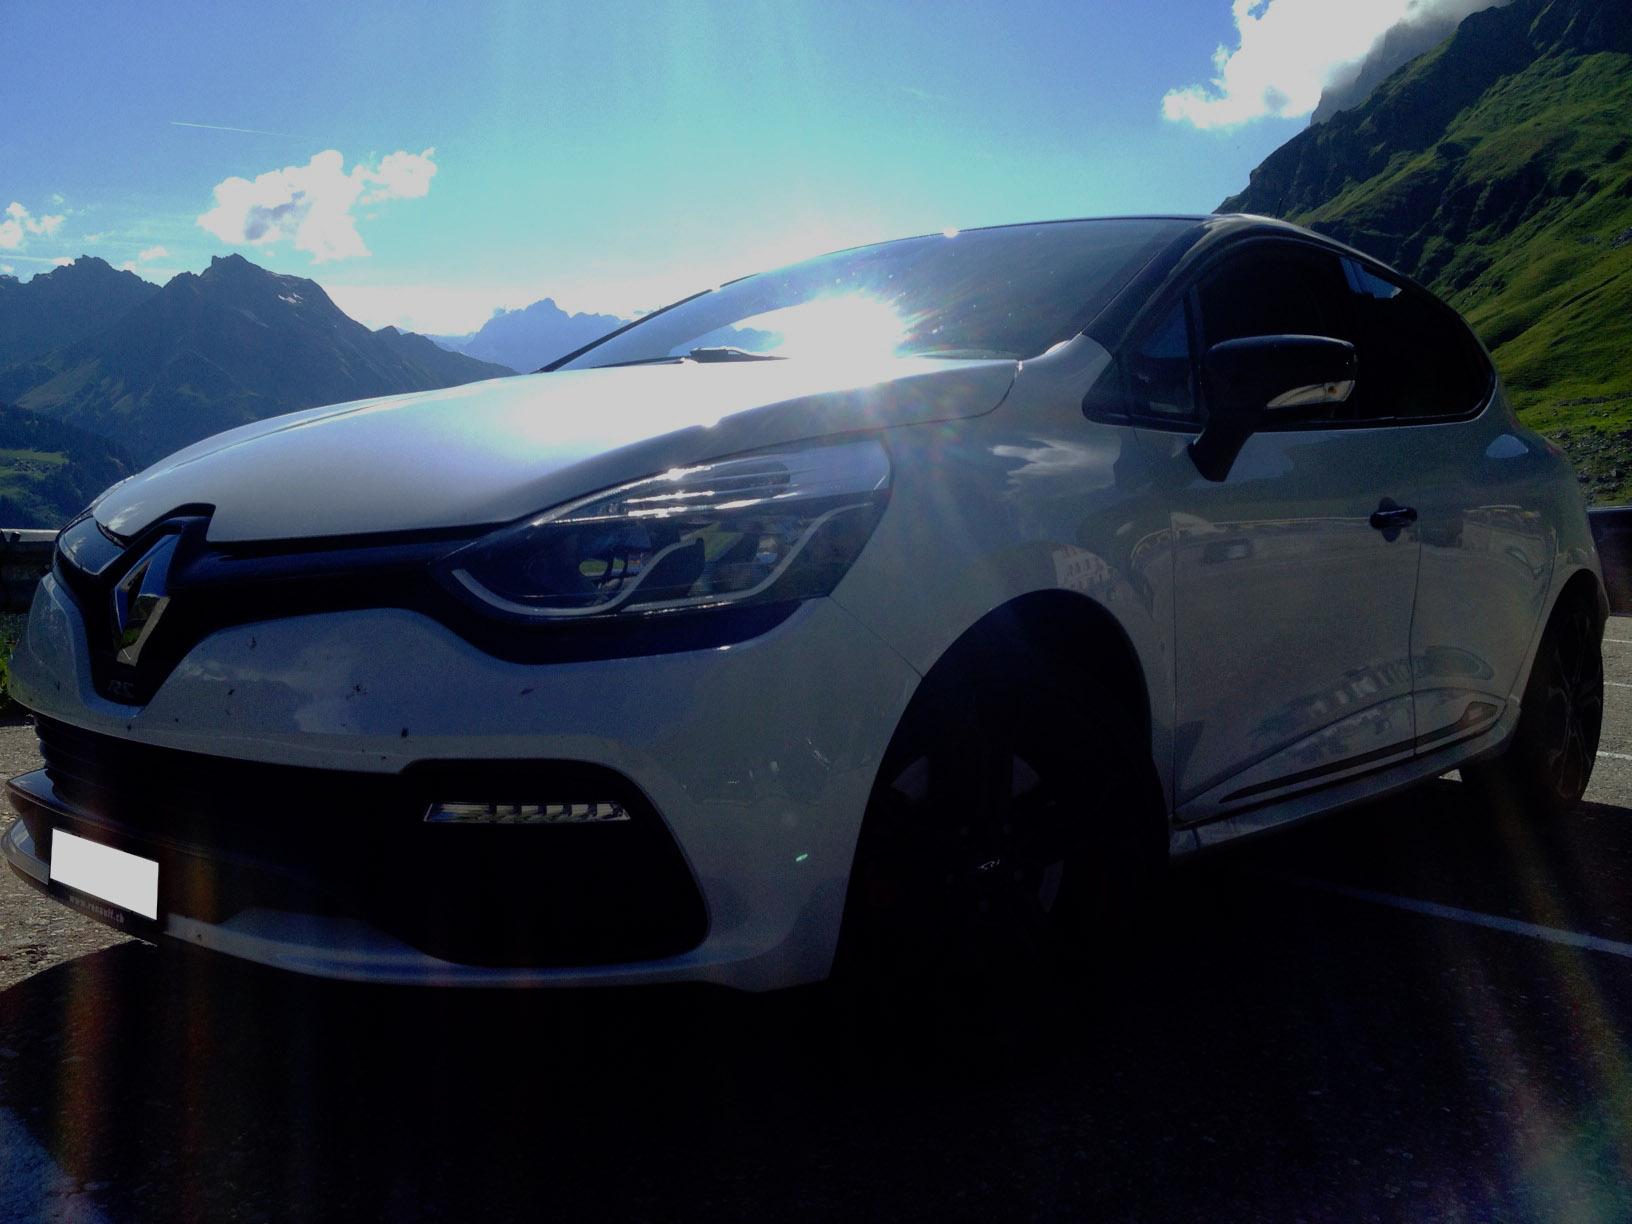 Renault Clio R.S.: Kleine Granate